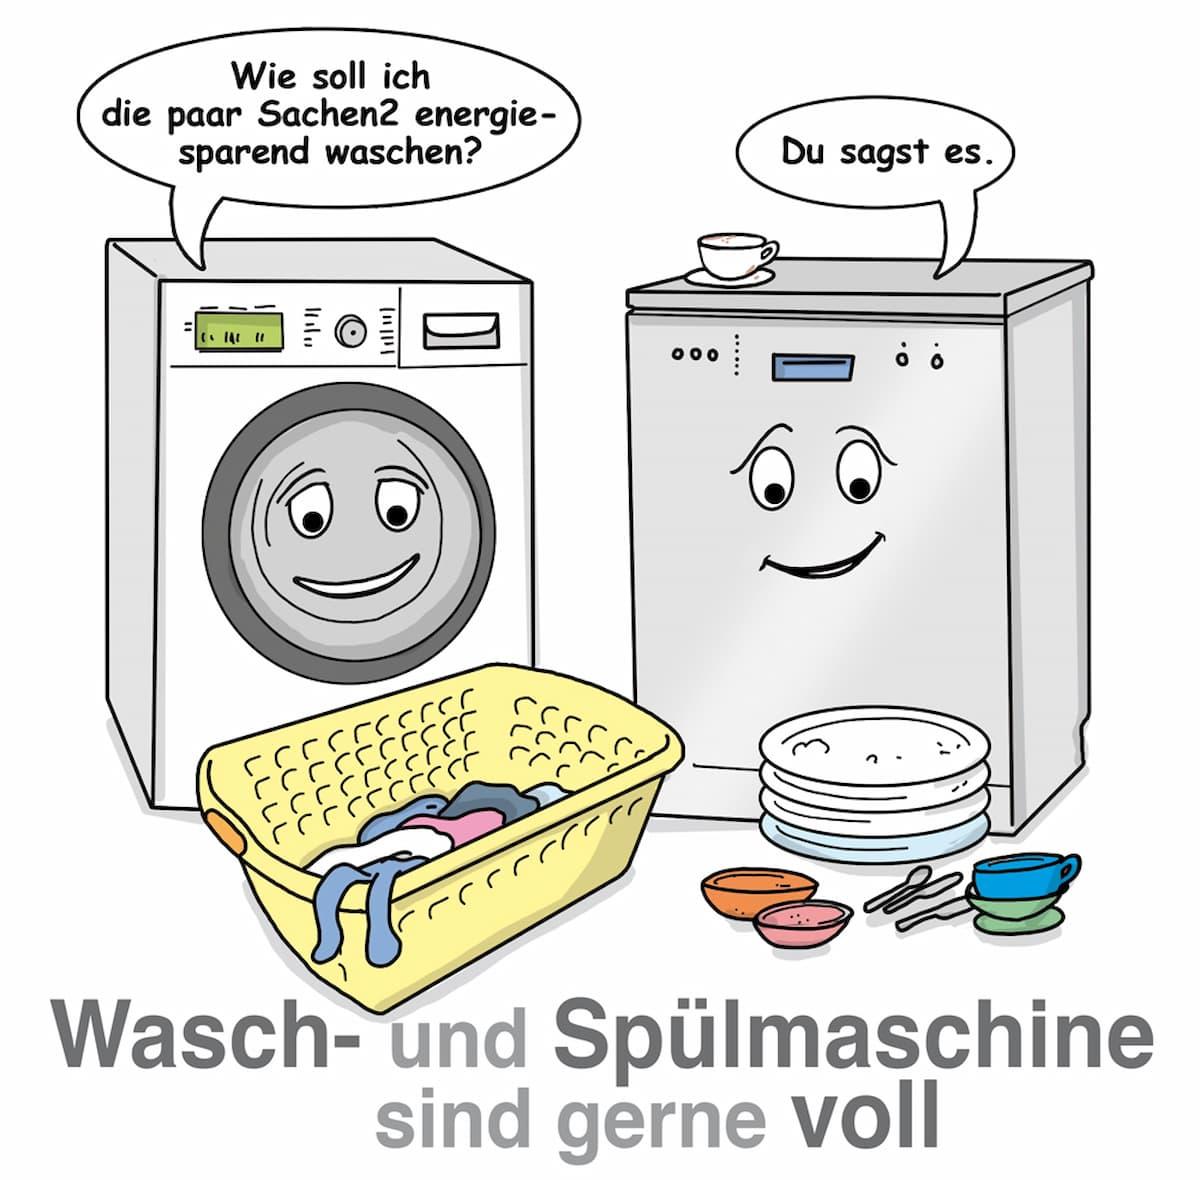 Waschmaschinen und Spülmaschinen nur voll laufen lassen